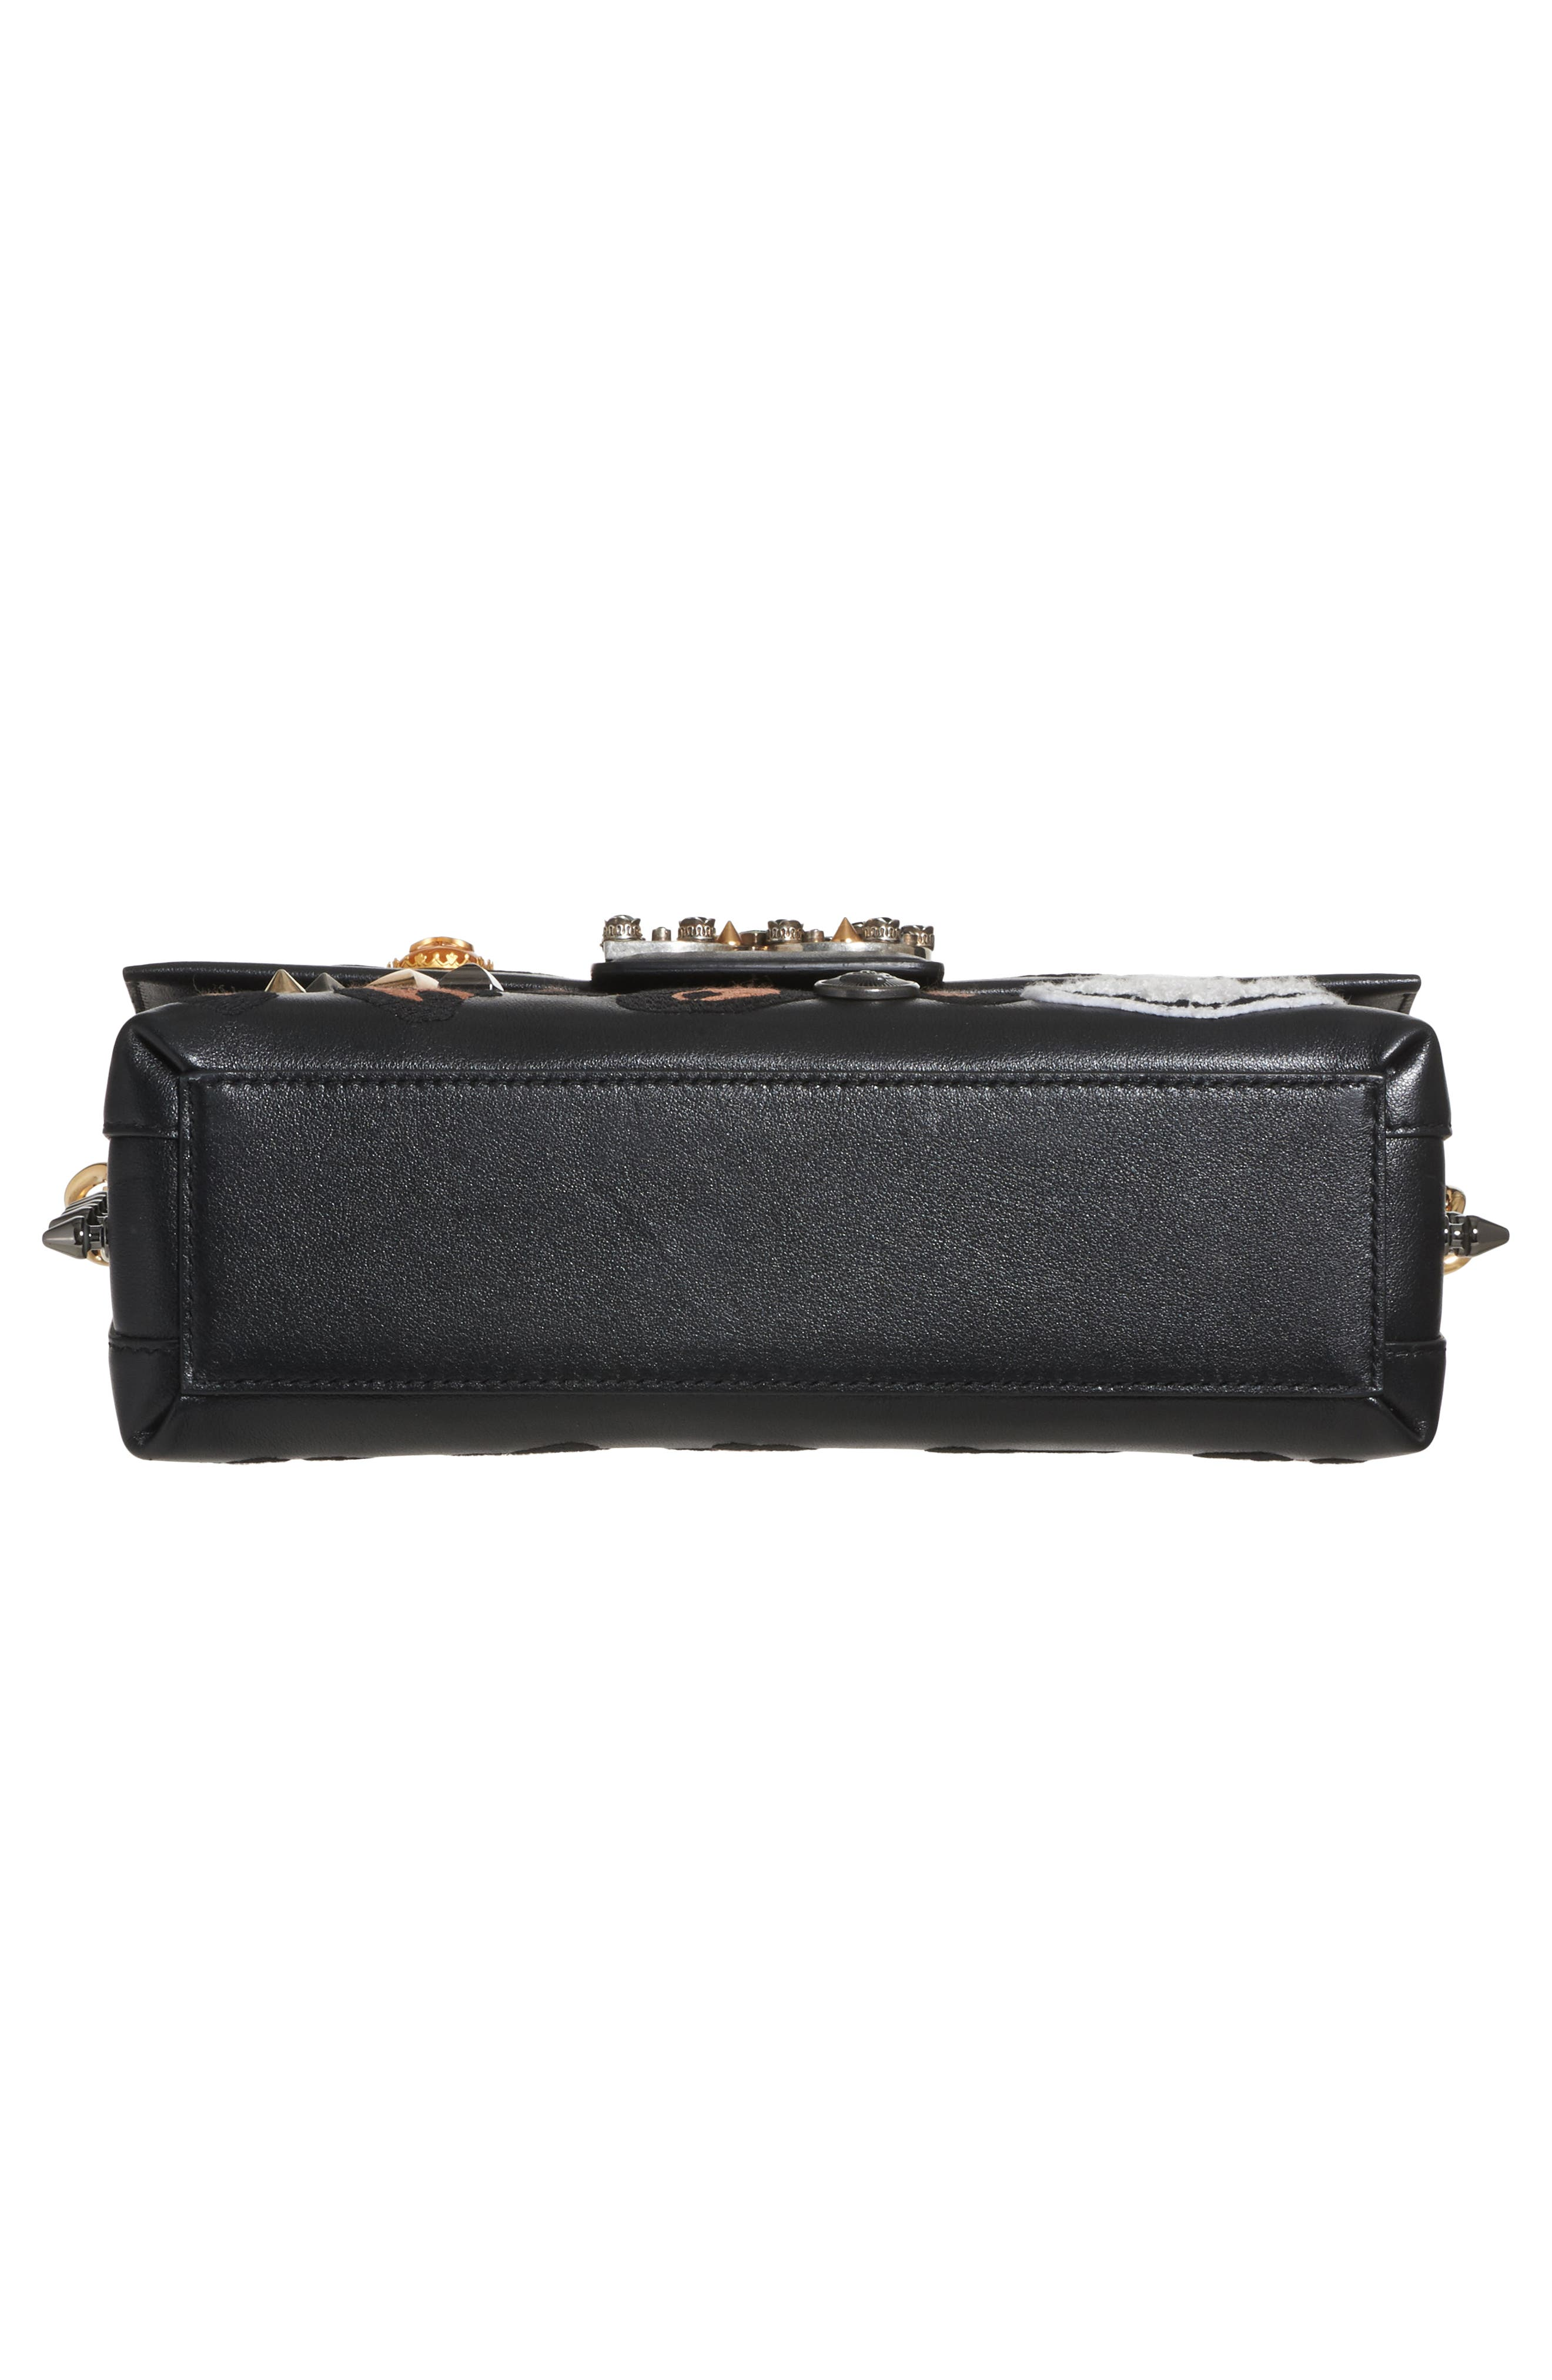 Millennials Embellished Leather Shoulder Bag,                             Alternate thumbnail 5, color,                             001